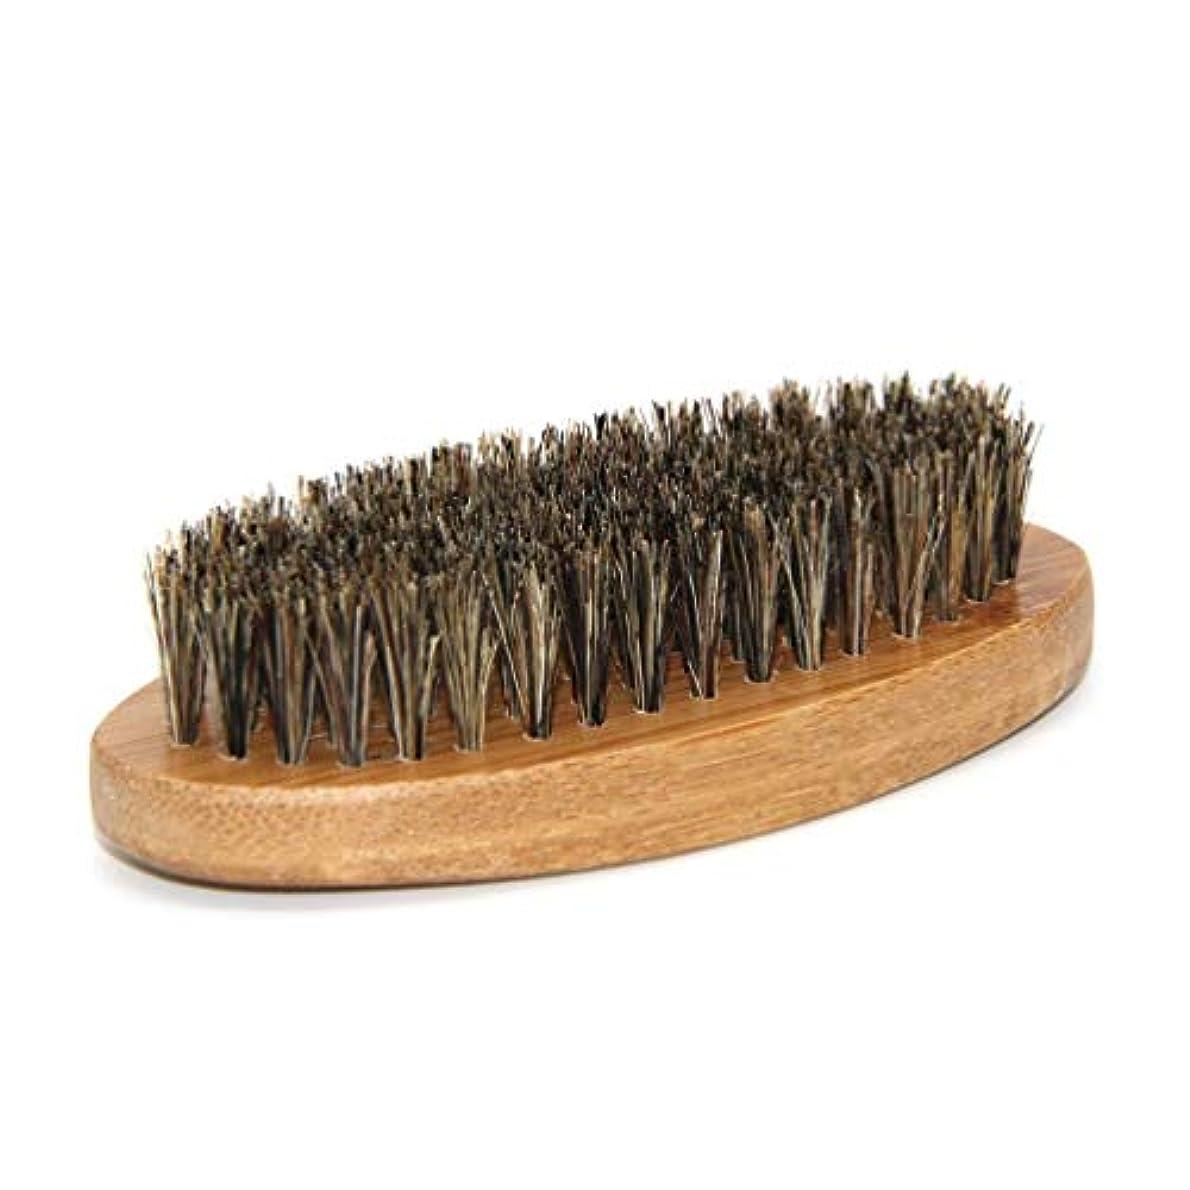 膜しないでくださいルーム男性のイノシシの毛の毛のひげの口ひげのブラシ軍の堅い円形の木製のハンドル-ブラウン